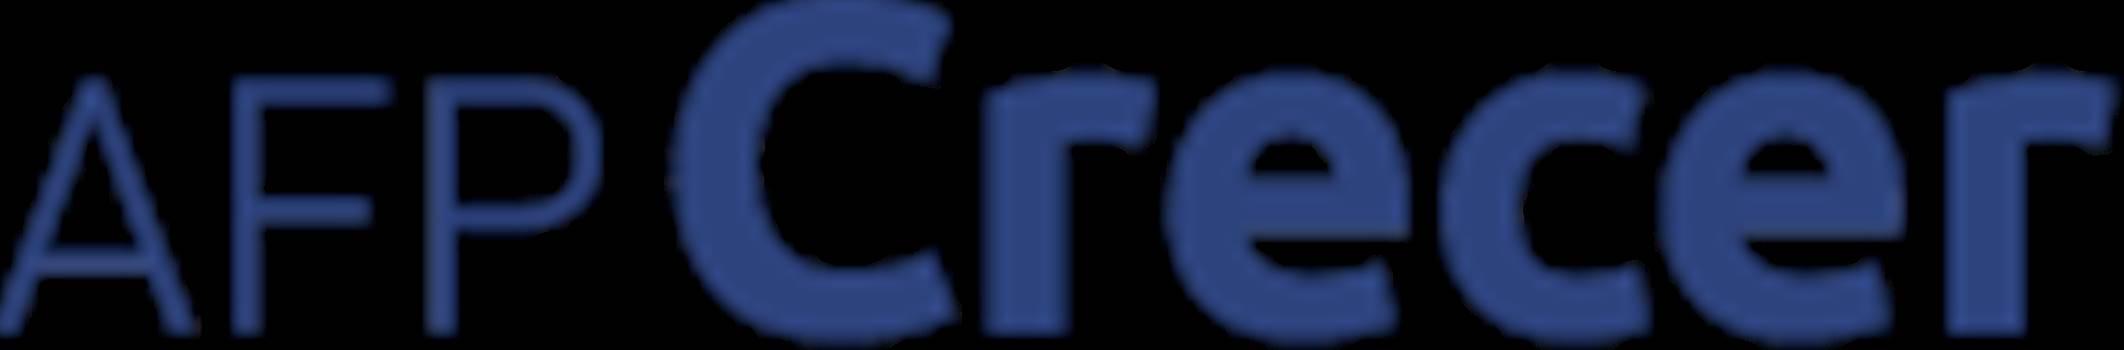 afp_crecer_logo pequeño 4 (2).png by teresayfacundo